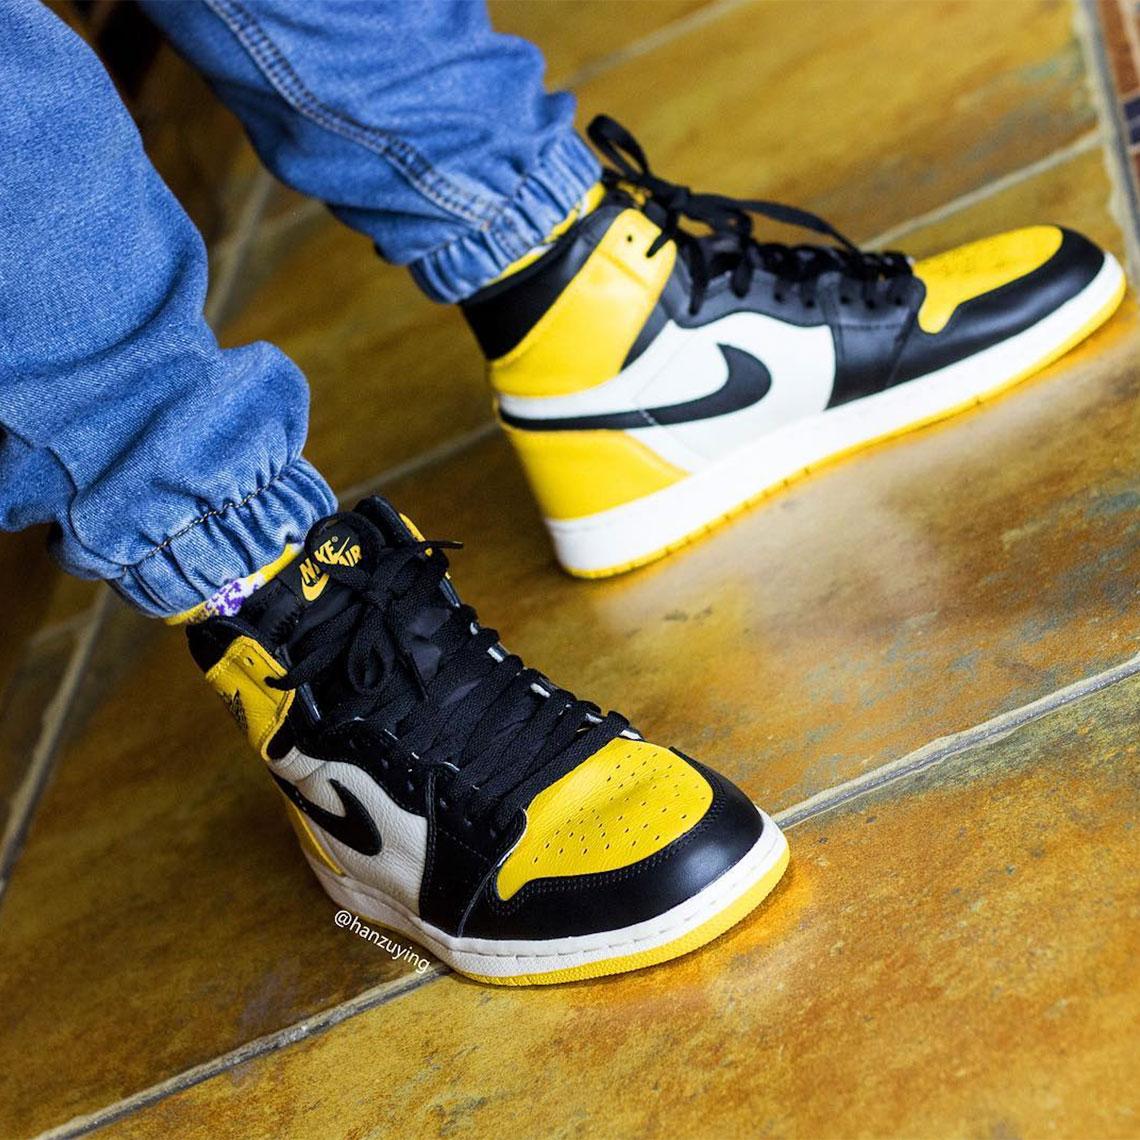 06584908c9f7b9 Air Jordan 1 Yellow Toe AR1020-700 Release Info